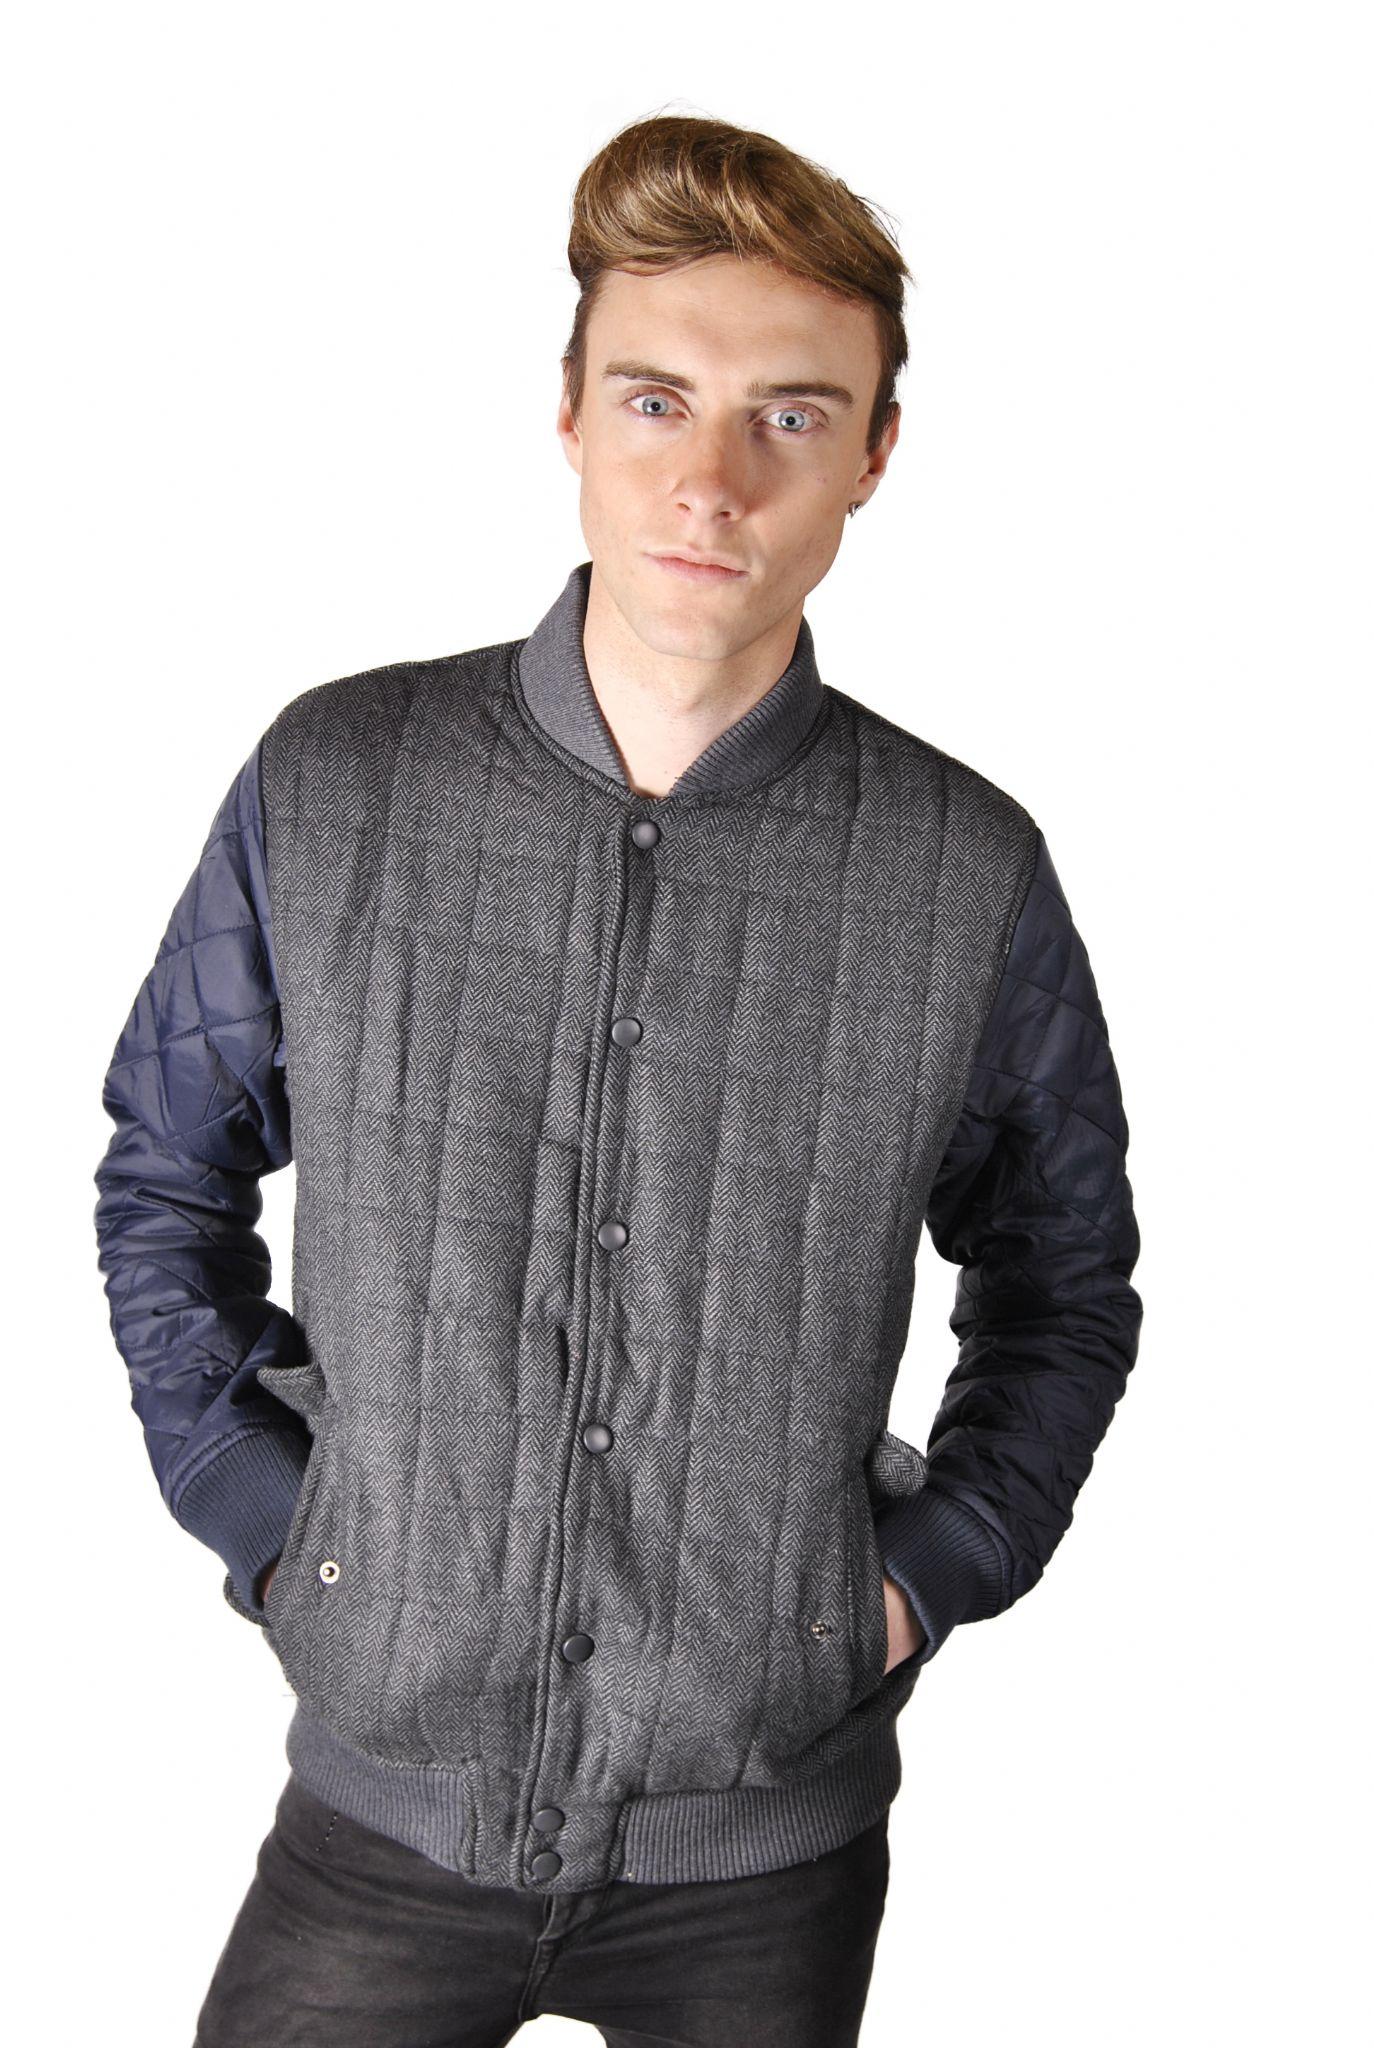 Tweed Baseball Jacket | Outdoor Jacket